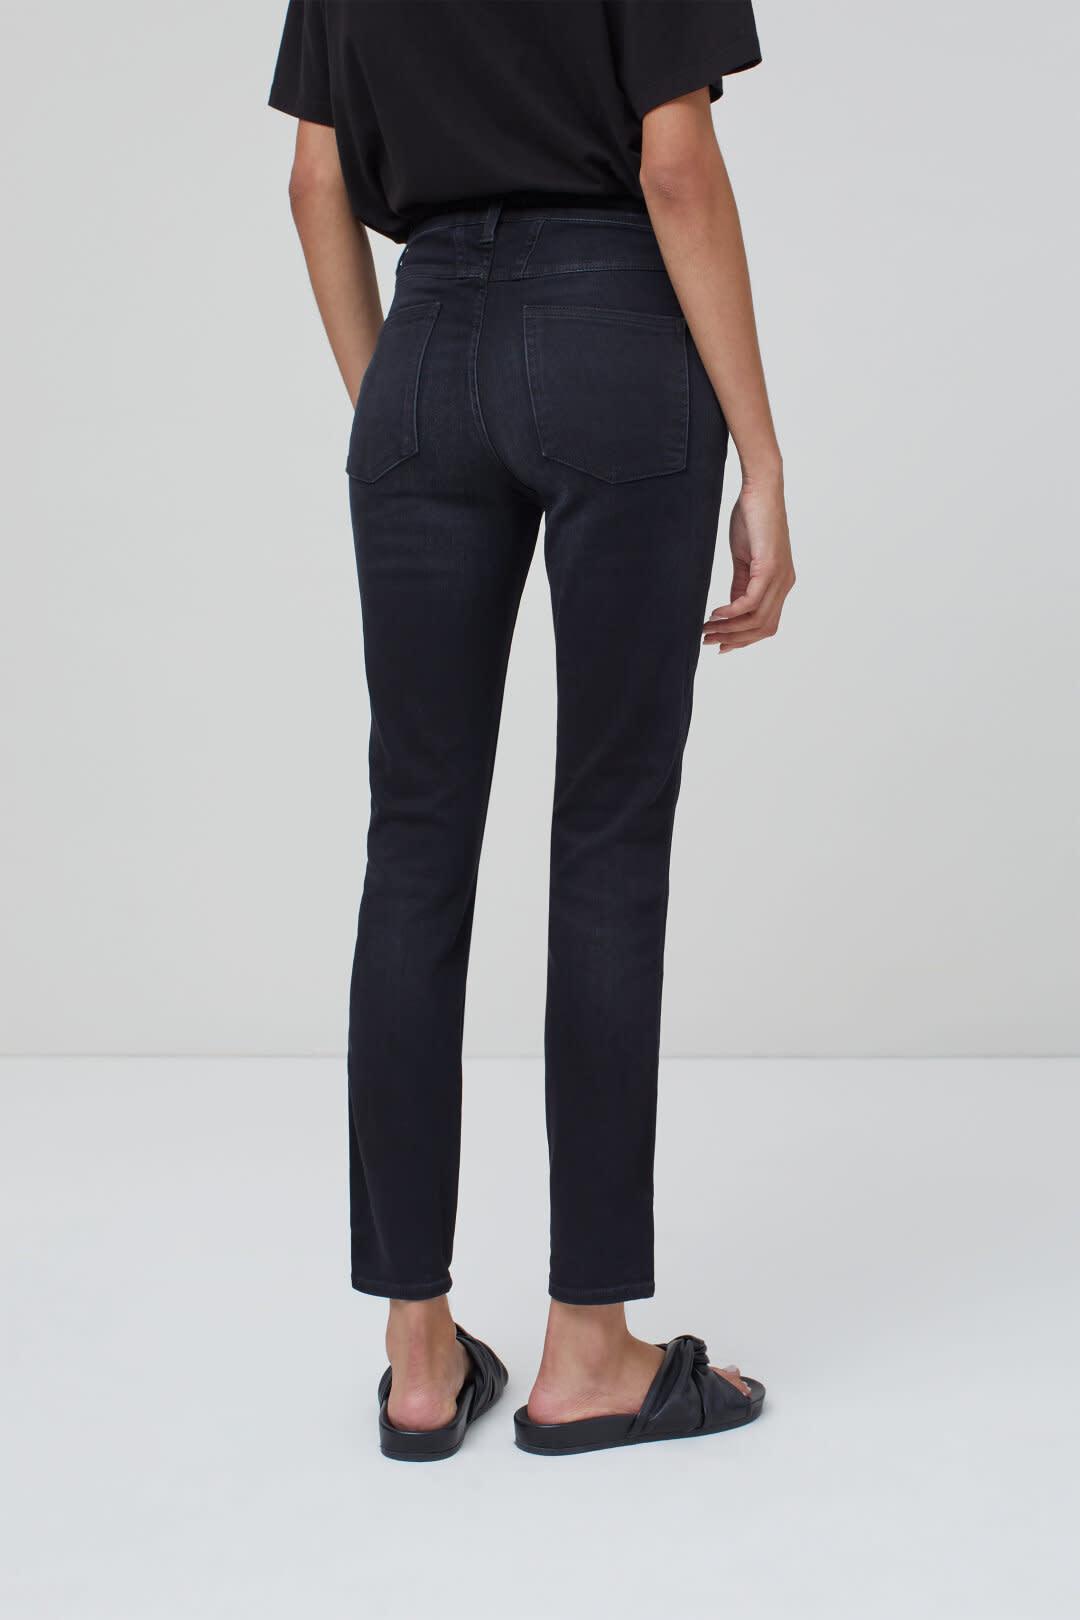 Skinny Pusher Jeans - Dark Grey-2